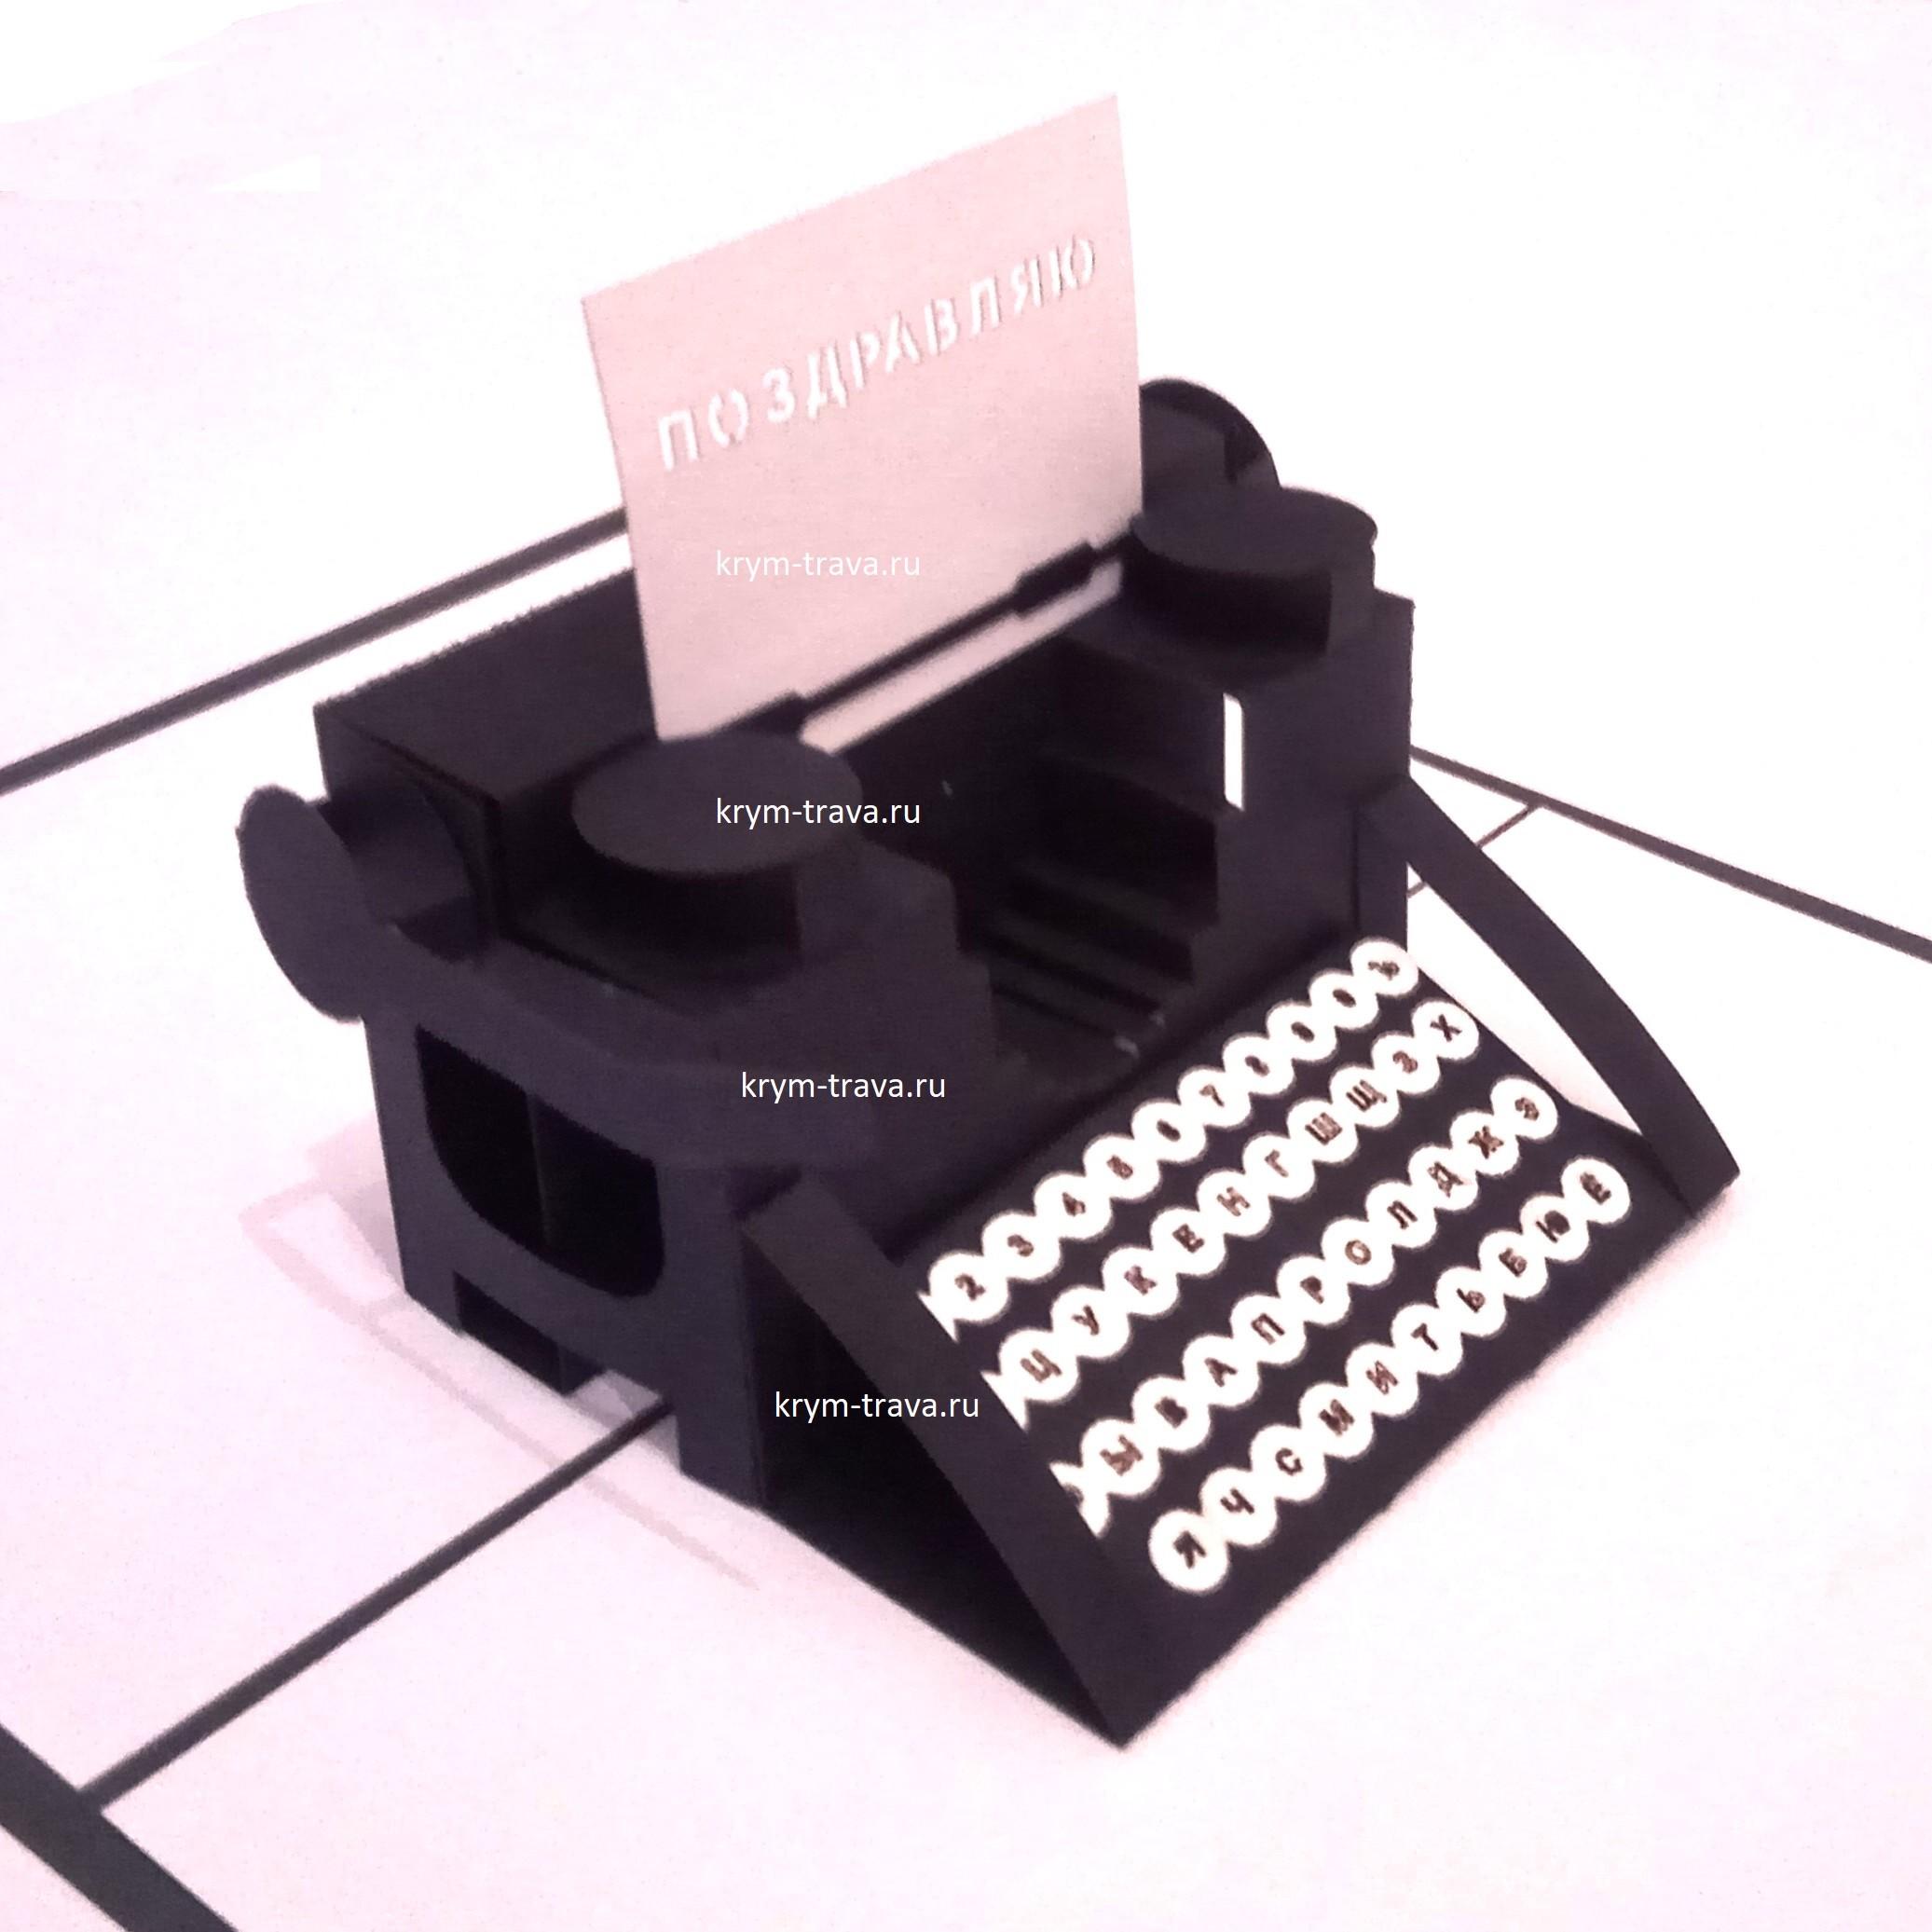 3D объёмная Открытка киригами печатная машинка pop-up ручная работа хенд мейд